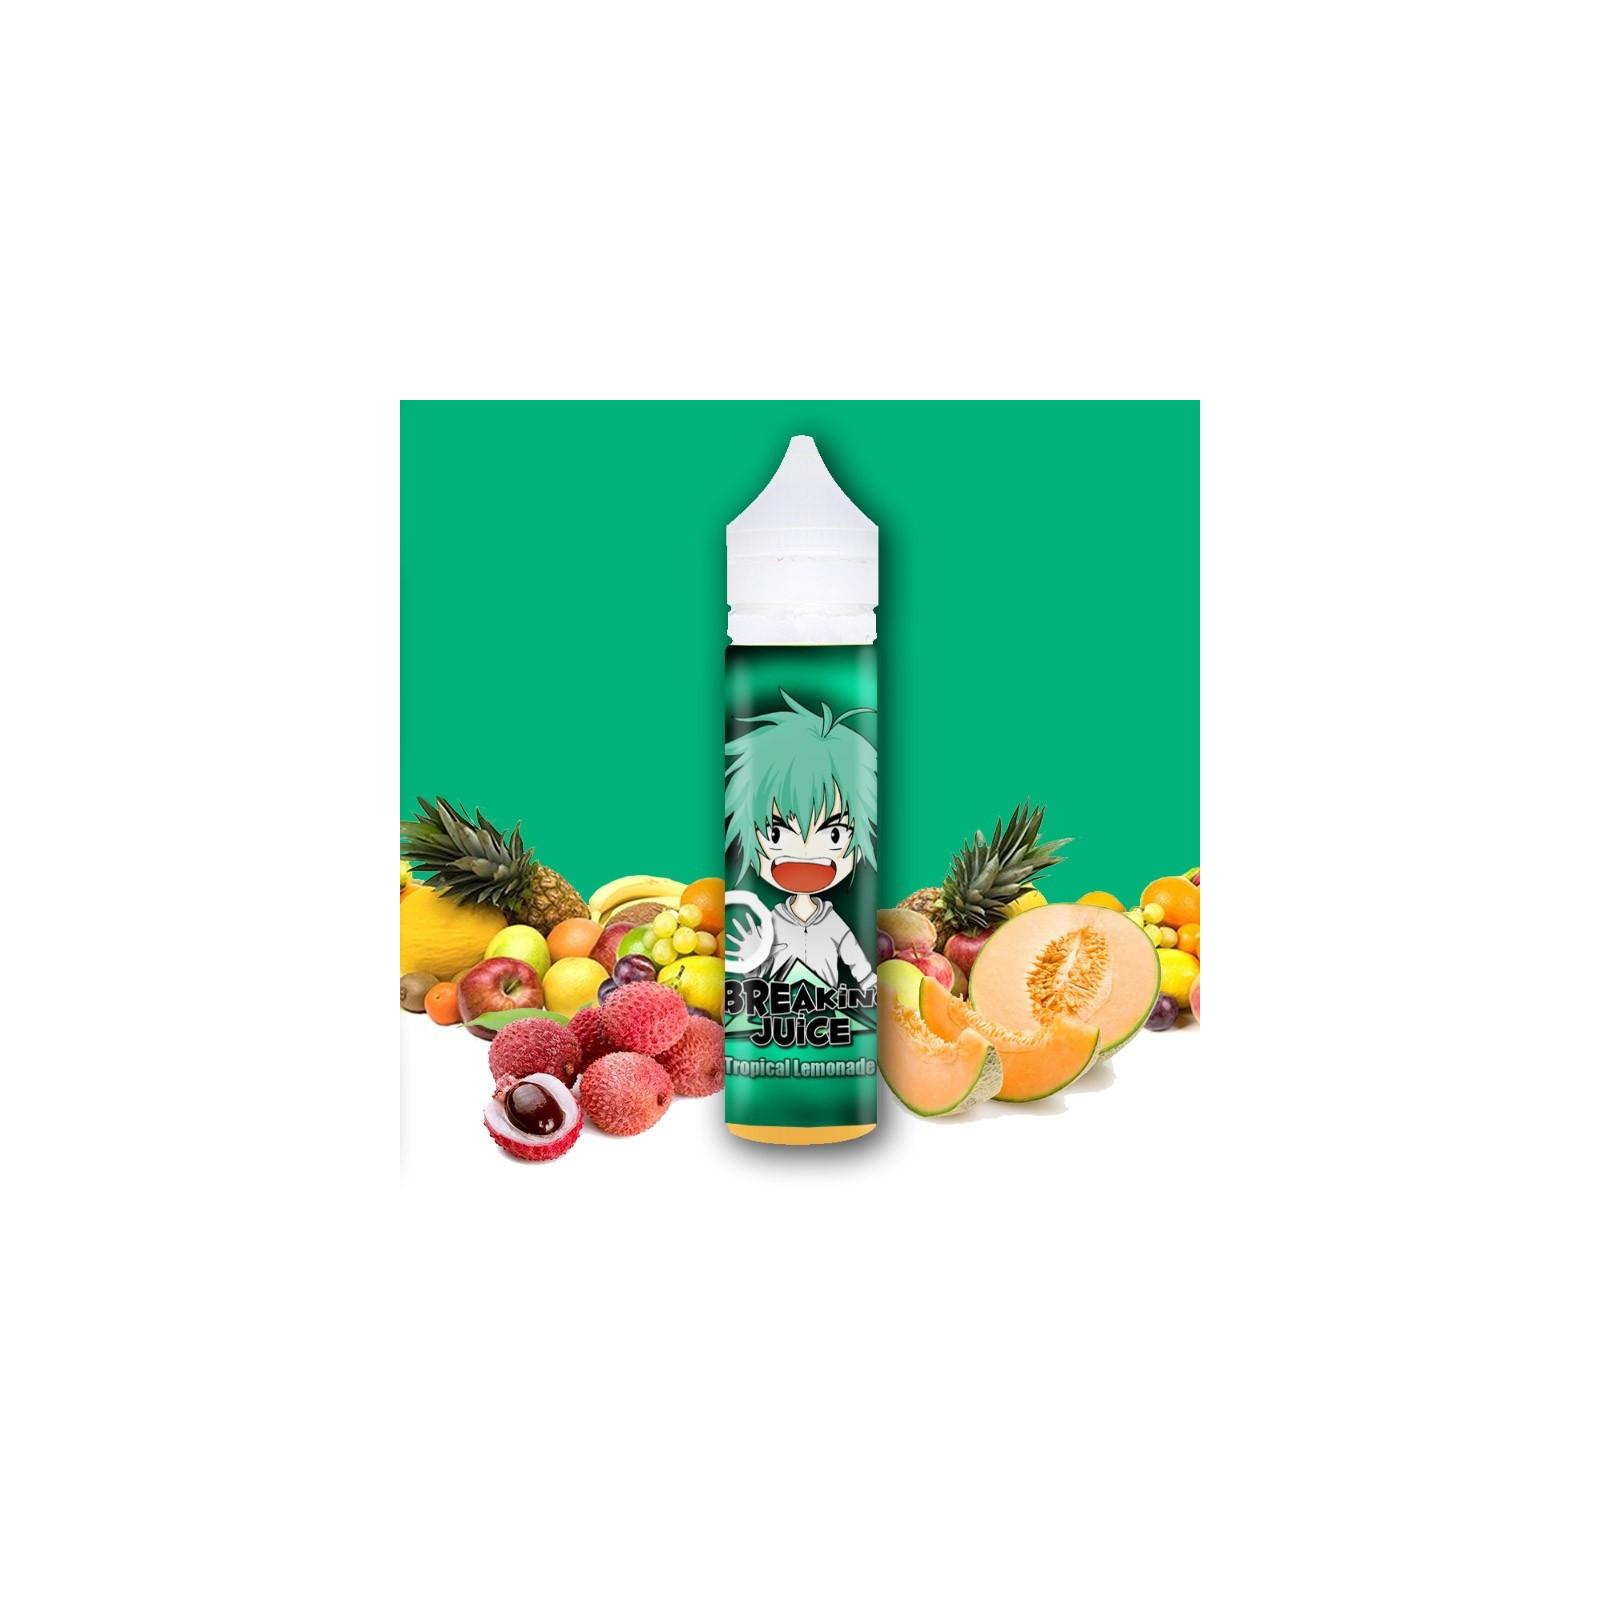 Tropical Lemonade - Breaking Juice 50 ml